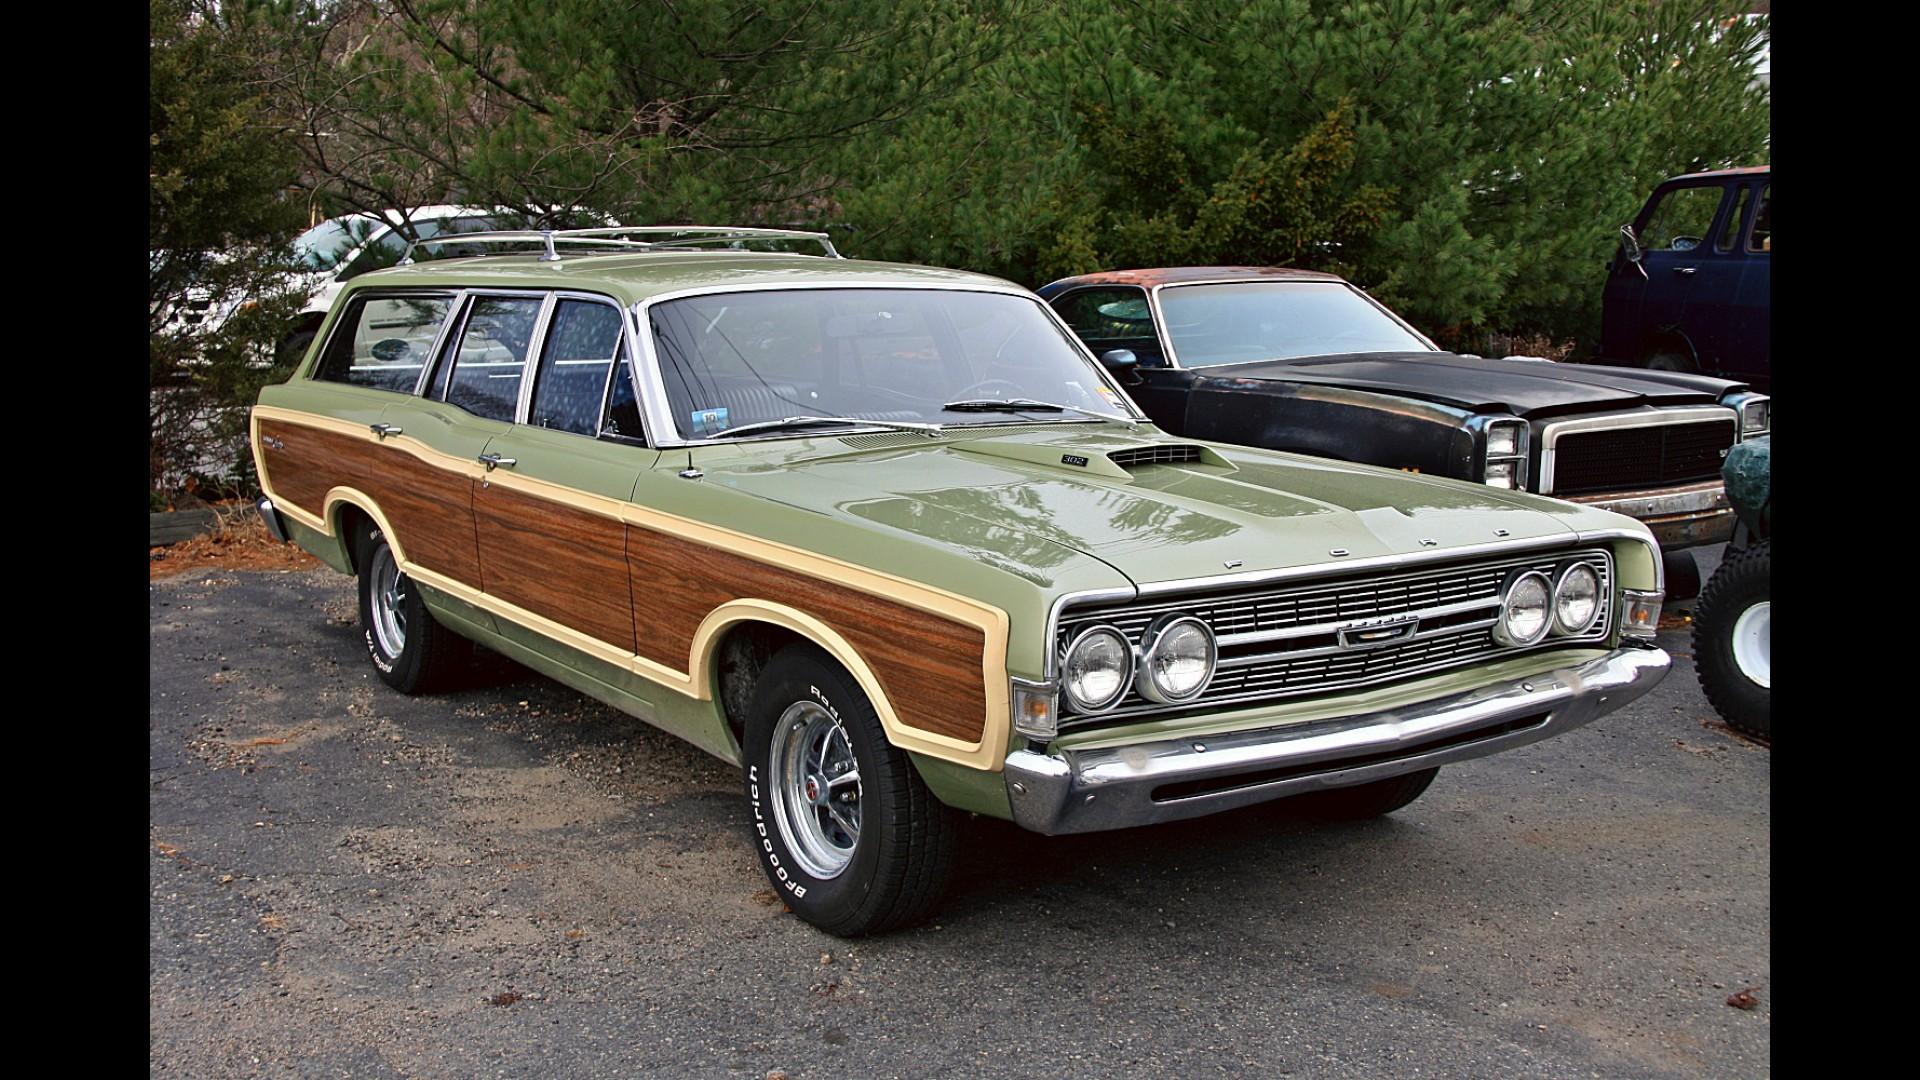 Torino Wagon | The Wagon